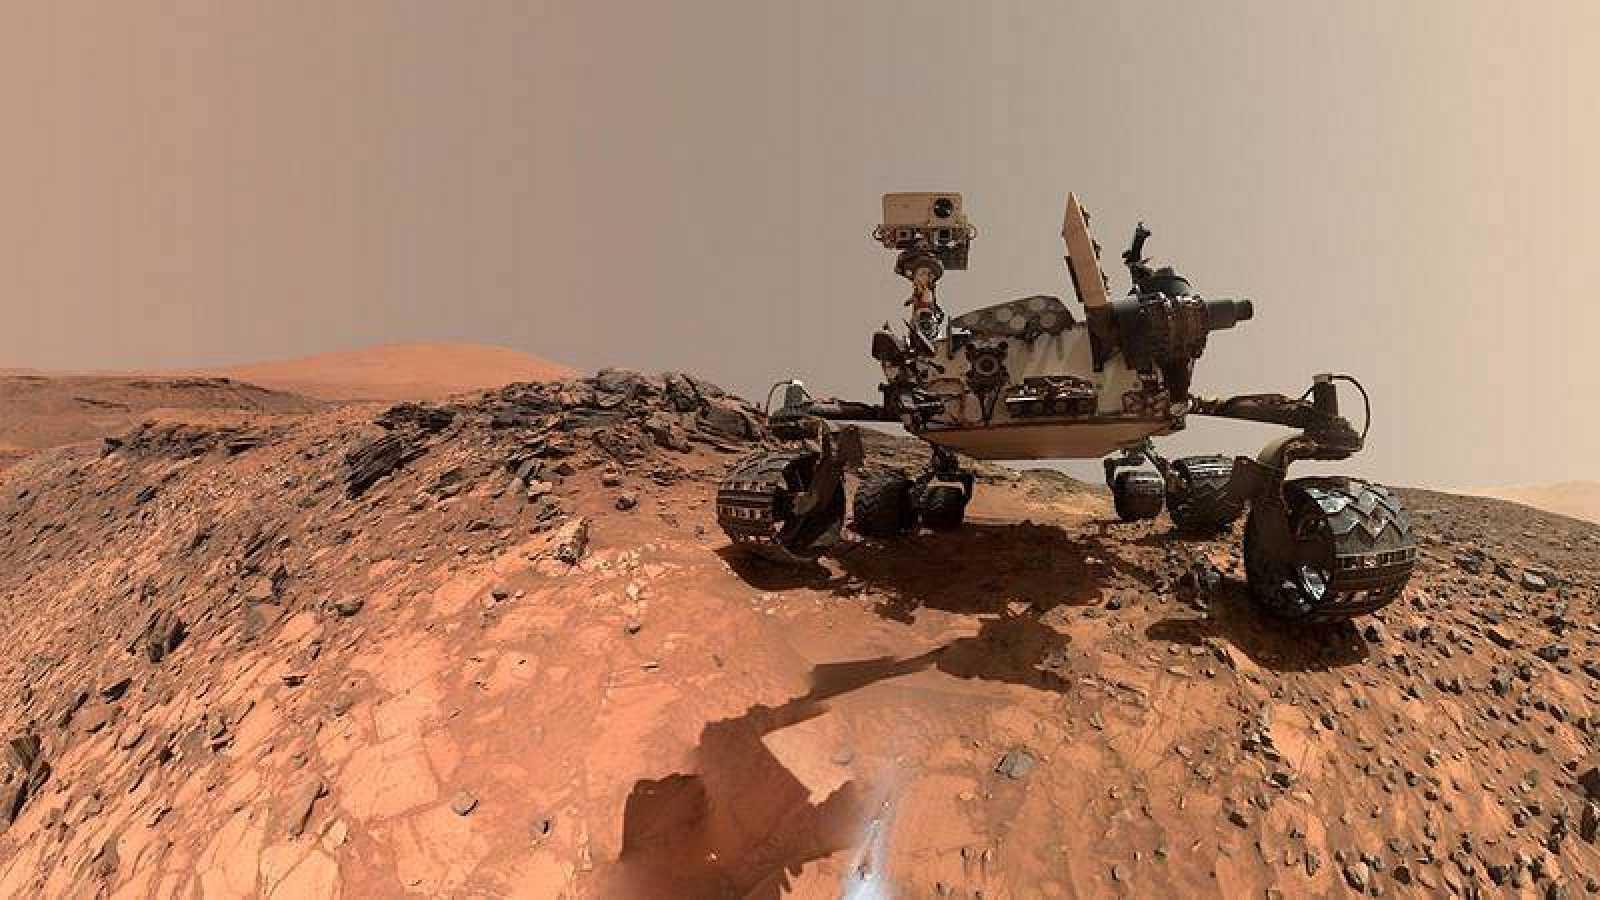 L'altra ràdio - Exposició sobre Mart i els sons de la Mars Rover Perseverance